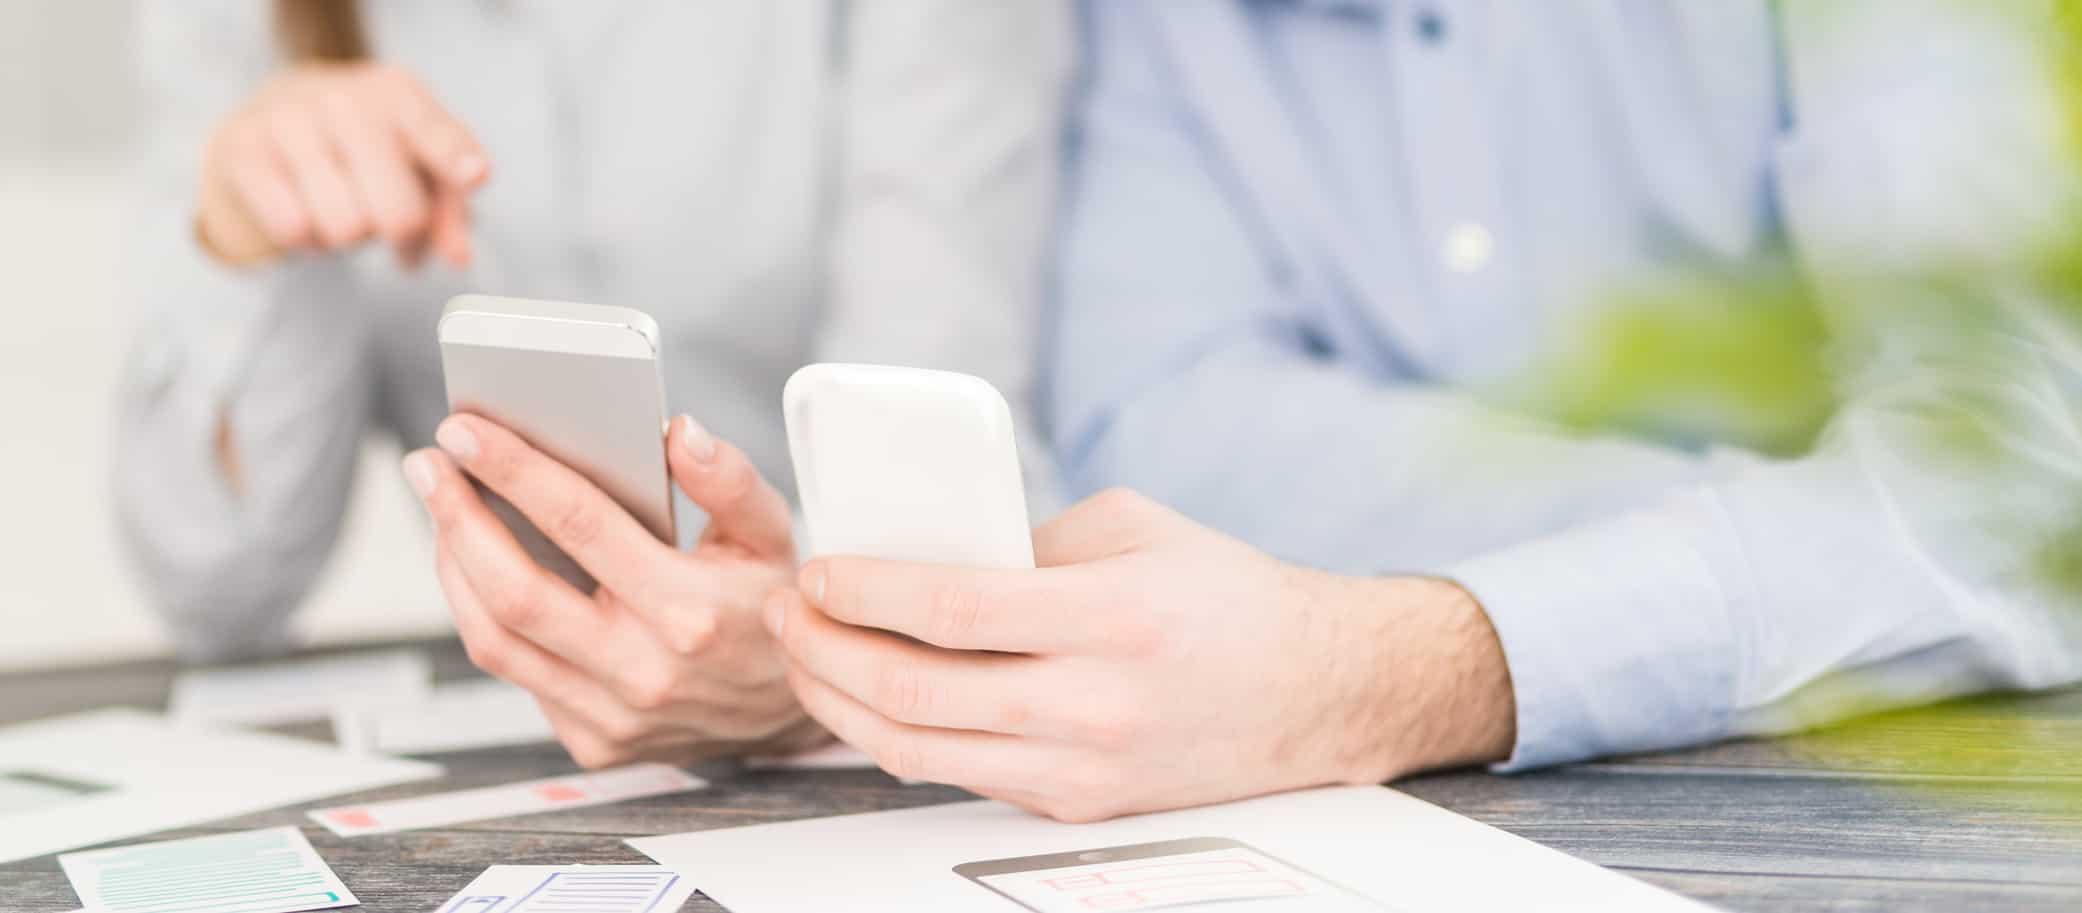 El nivel de satisfacción de los usuarios de servicios de telecomunicaciones en México está por debajo de la media en el comparativo a nivel internacional.